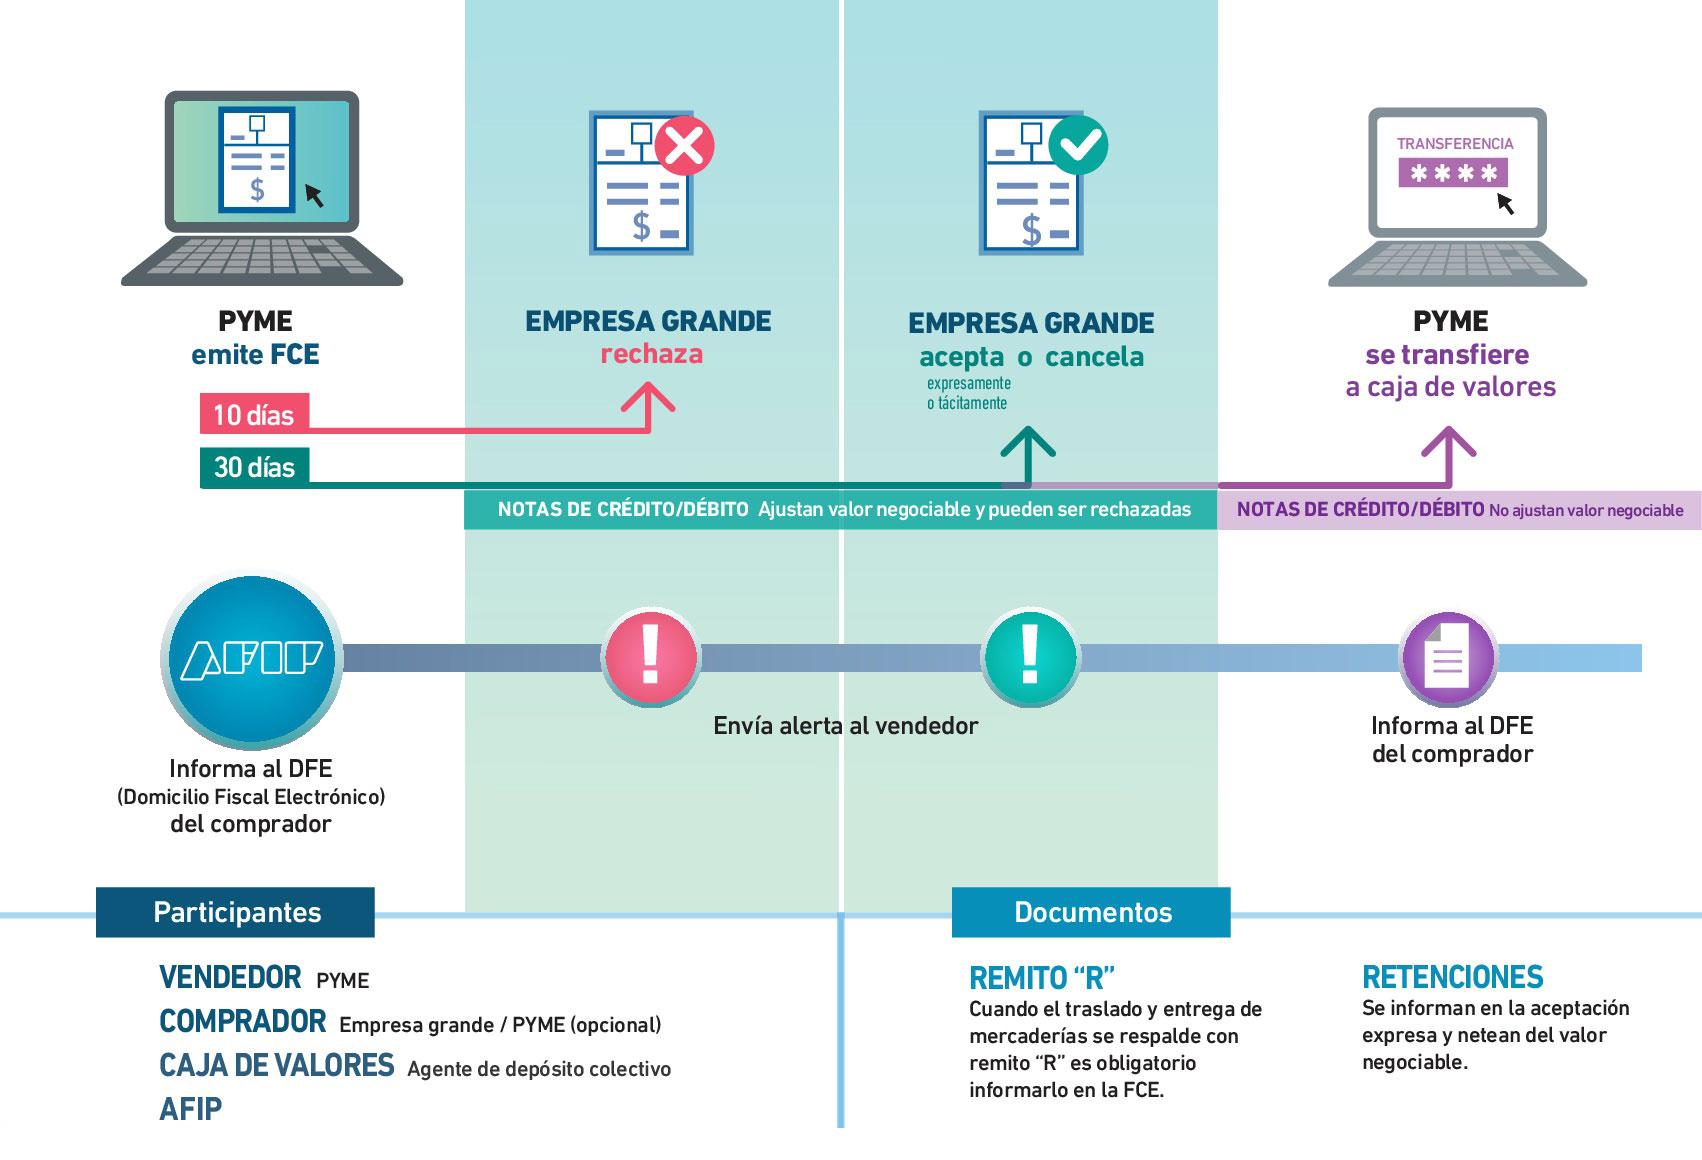 Información sobre el proceso de factura electrónica de AFIP